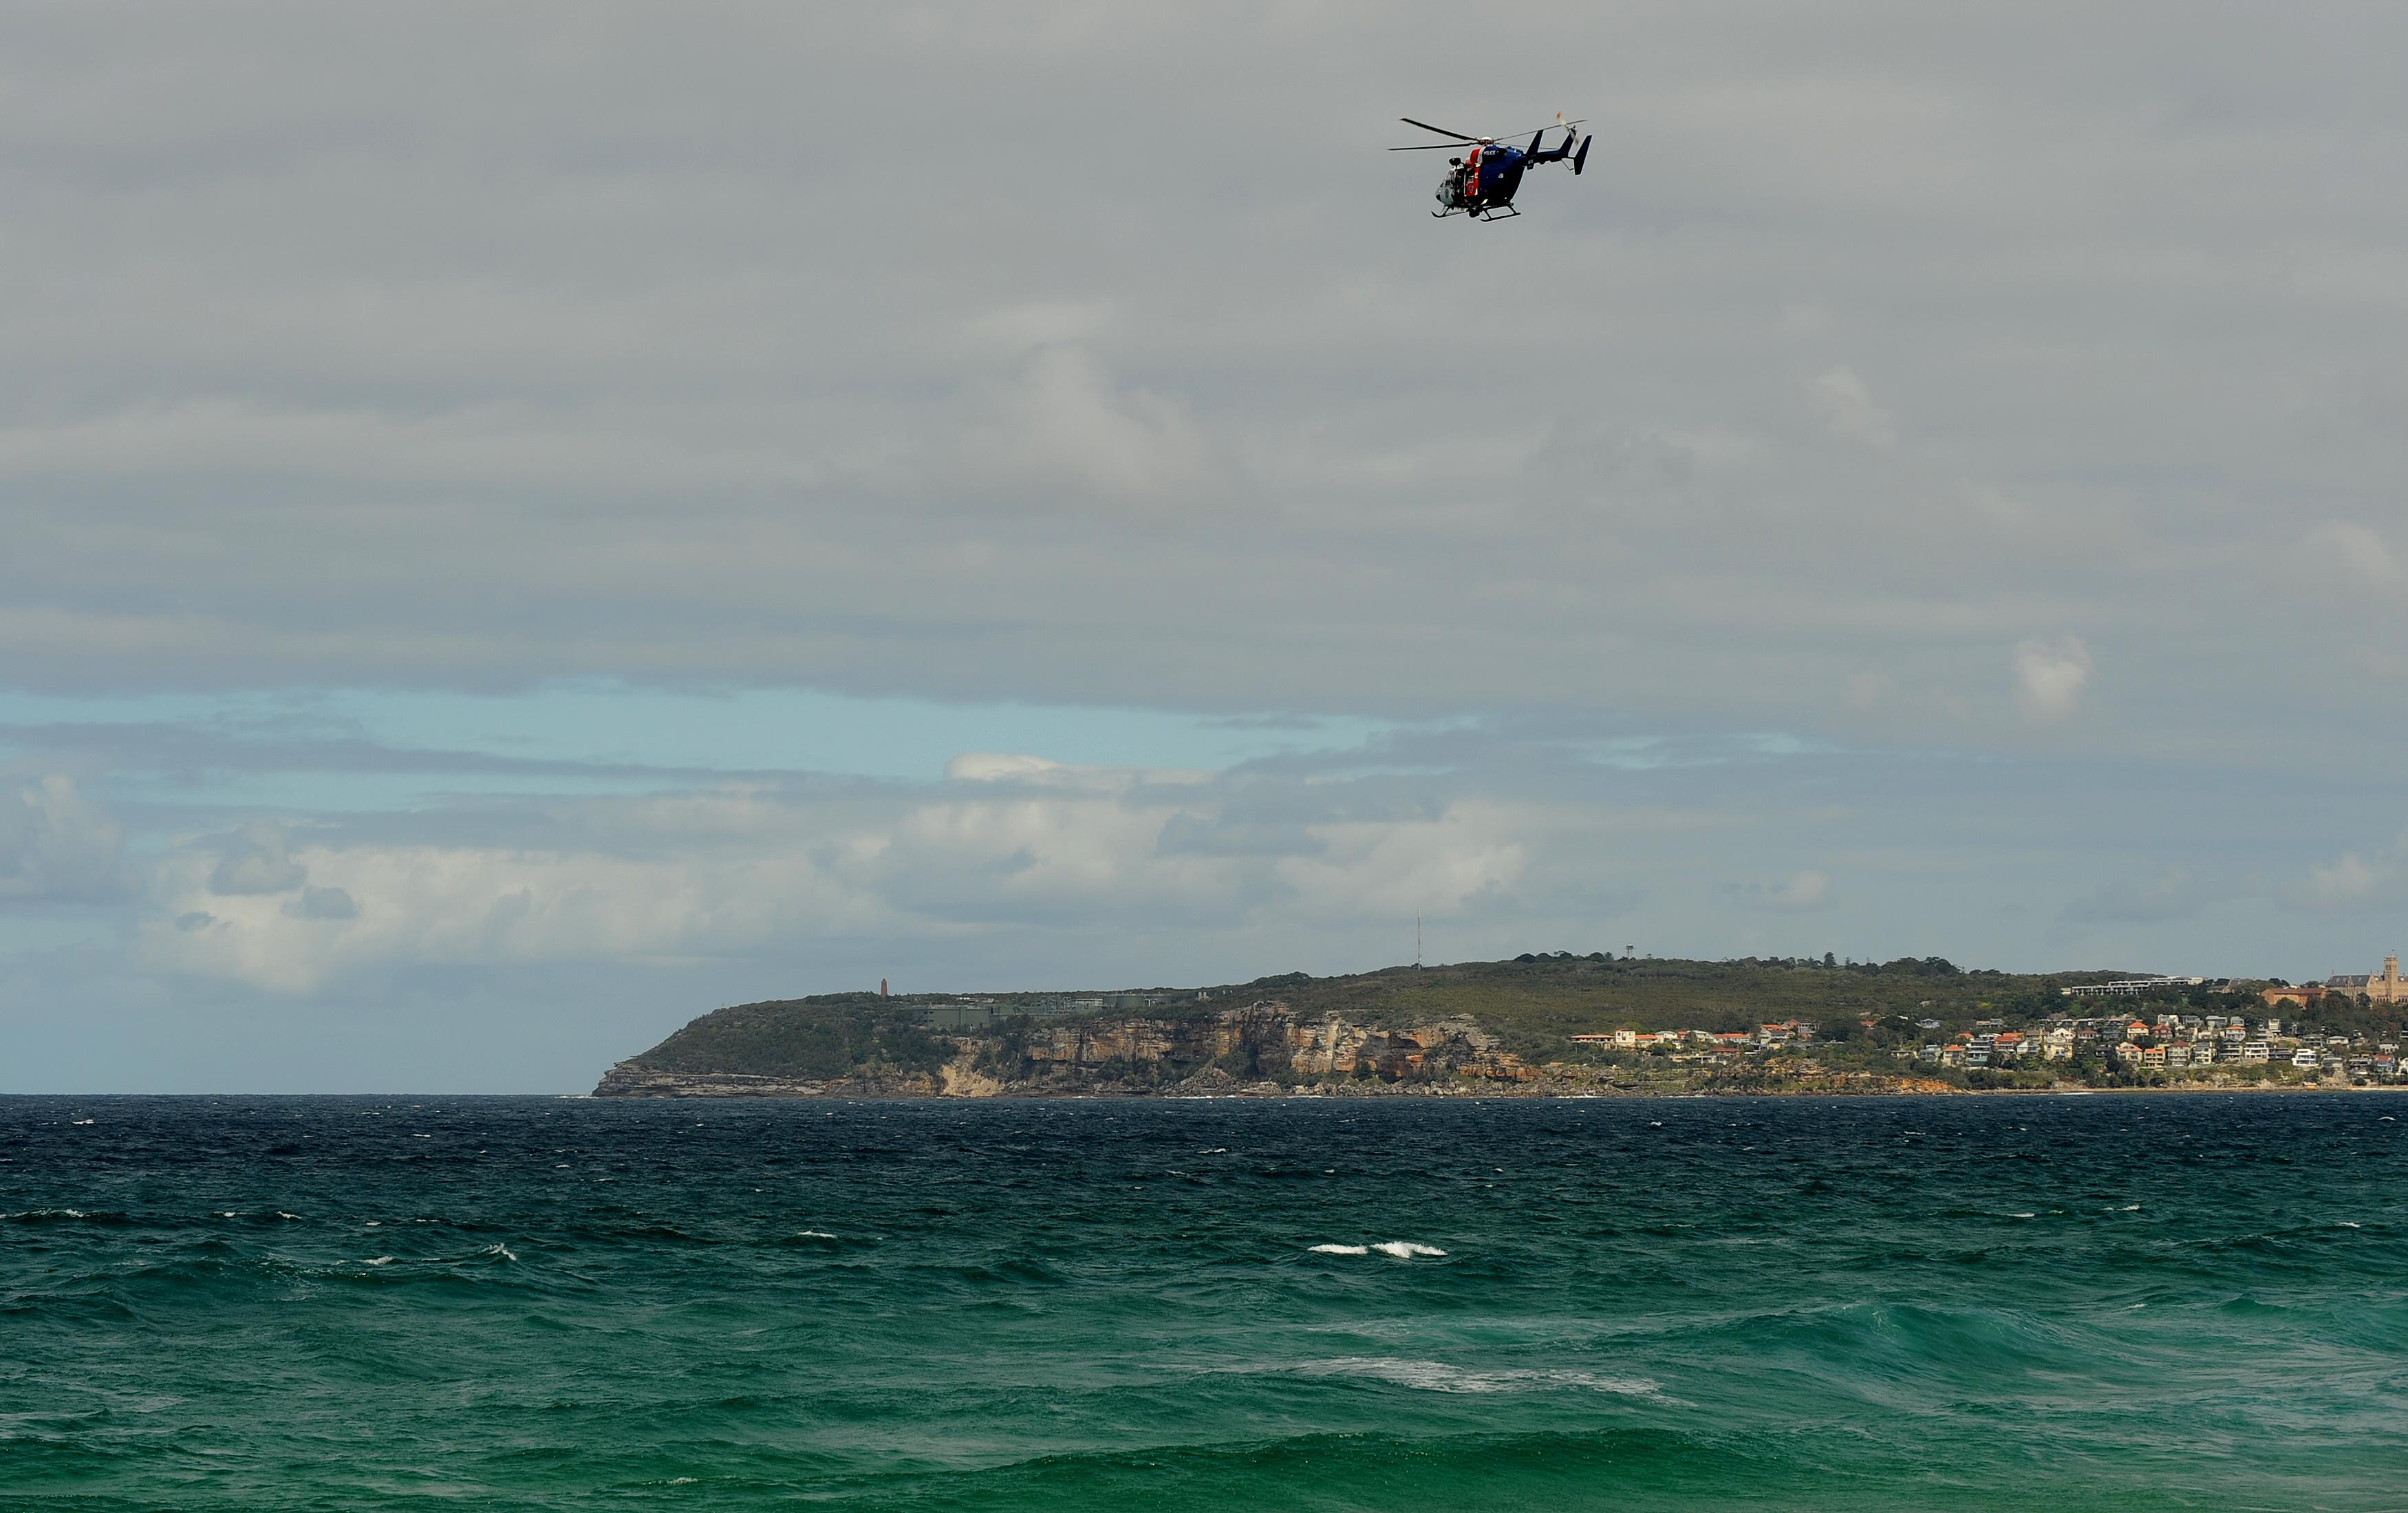 一直升機墜毀巴哈馬 美億萬富翁等7人遇難